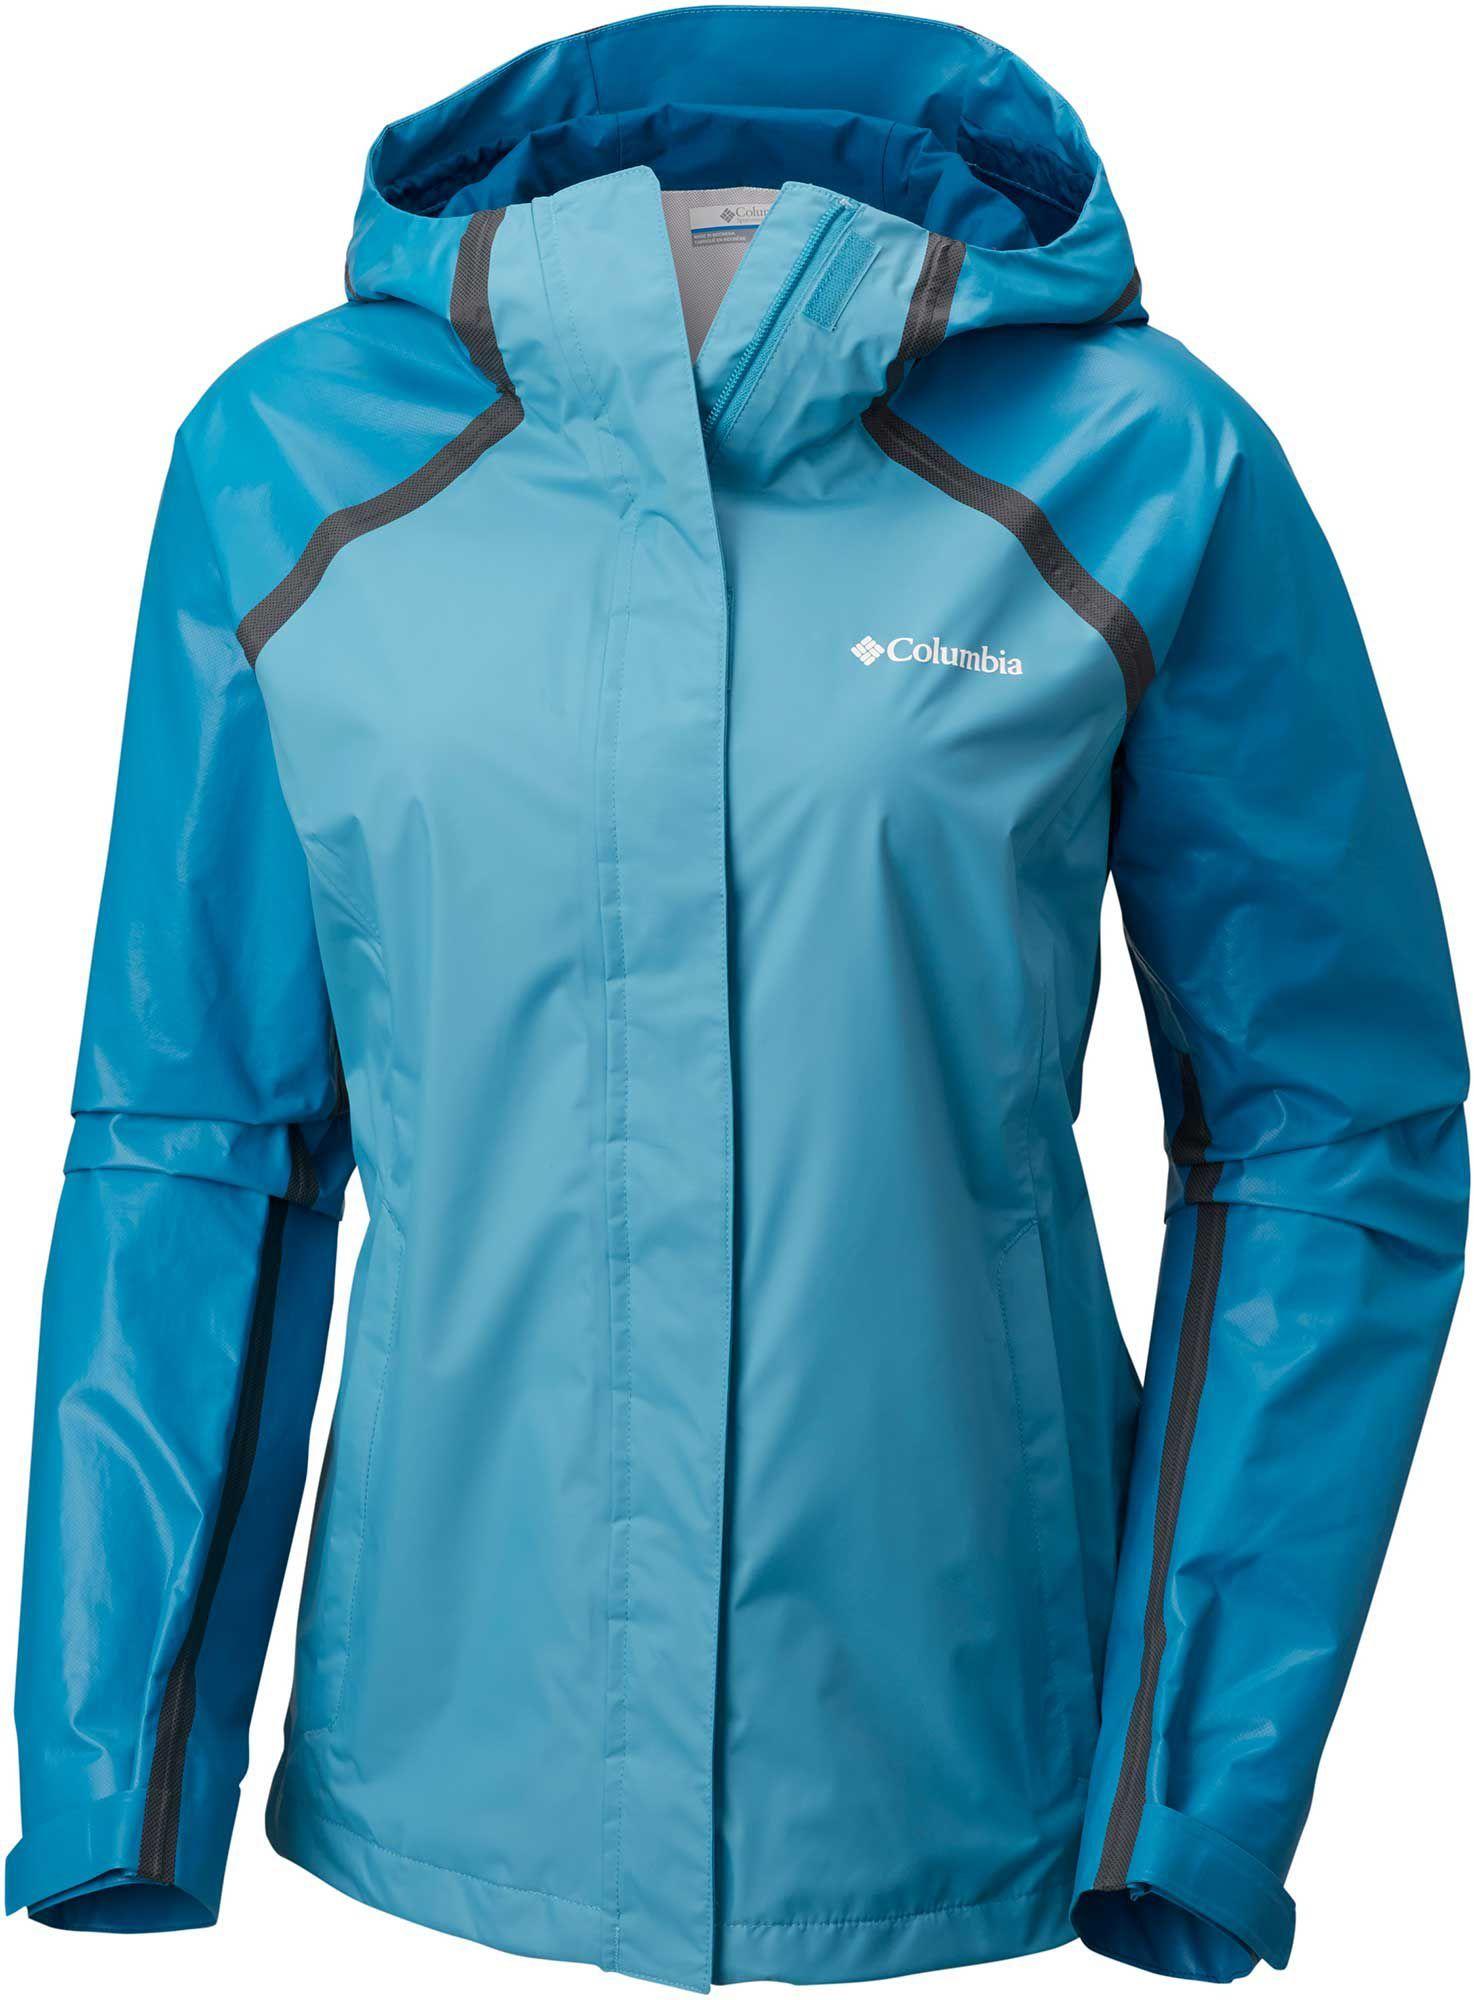 083af3c95c8 Gerry Ladies  3-in-1 Systems Jacket - Teal